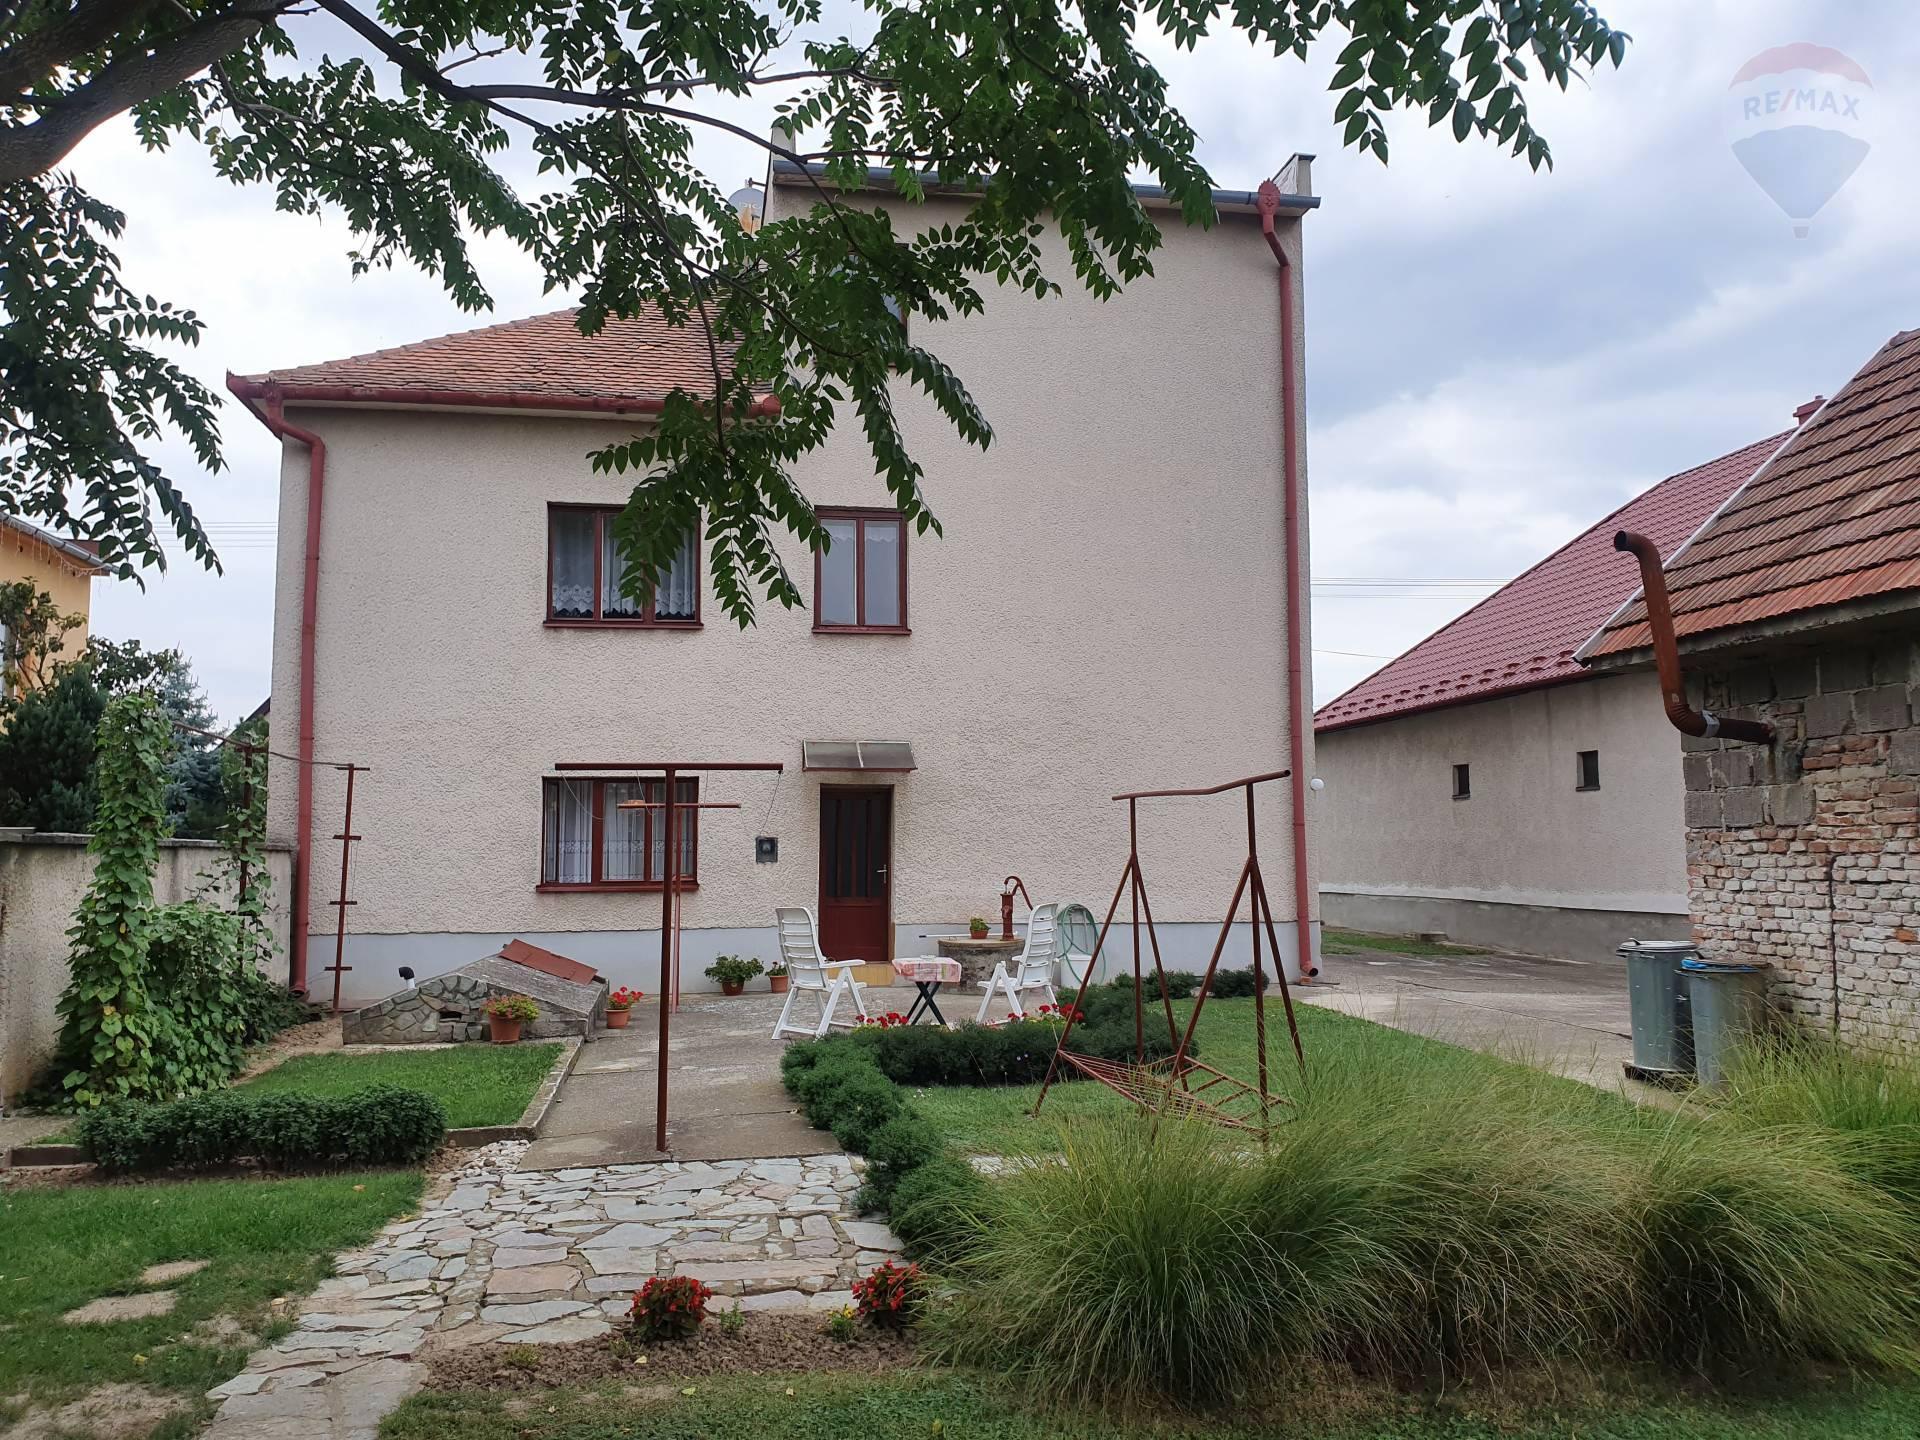 Predaj domu 340 m2, Kovarce - predaj 7-izbový rodinný dom Kovarce, okr. Topoľčany